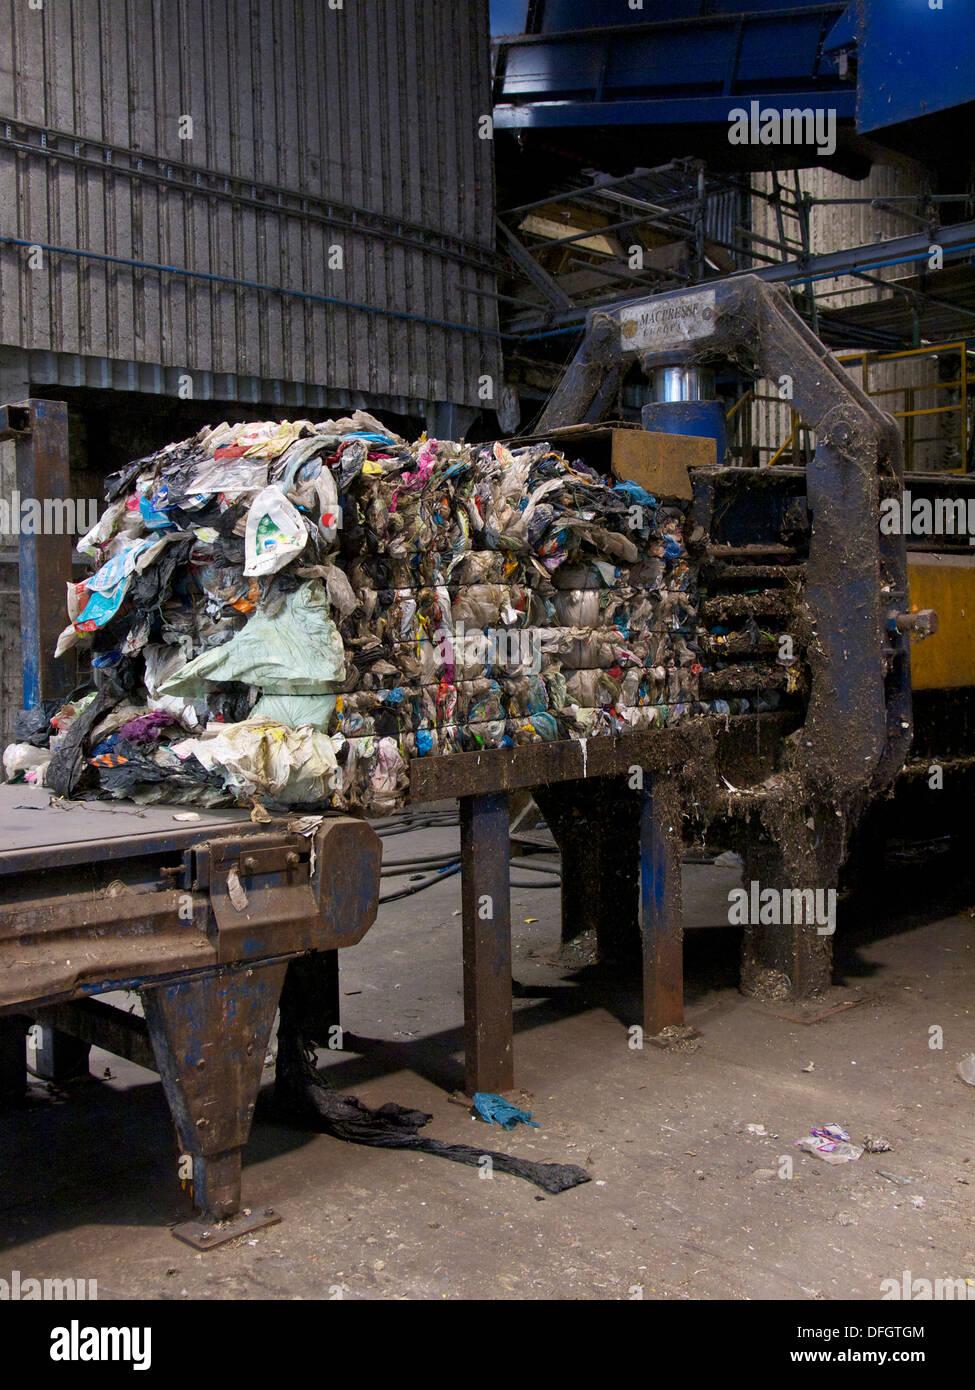 Ballen Von Kunststoffabfälle Auf Hydraulische Presse In Recycling Anlage.  Der Kunststoff Ist Vom Hausmüll